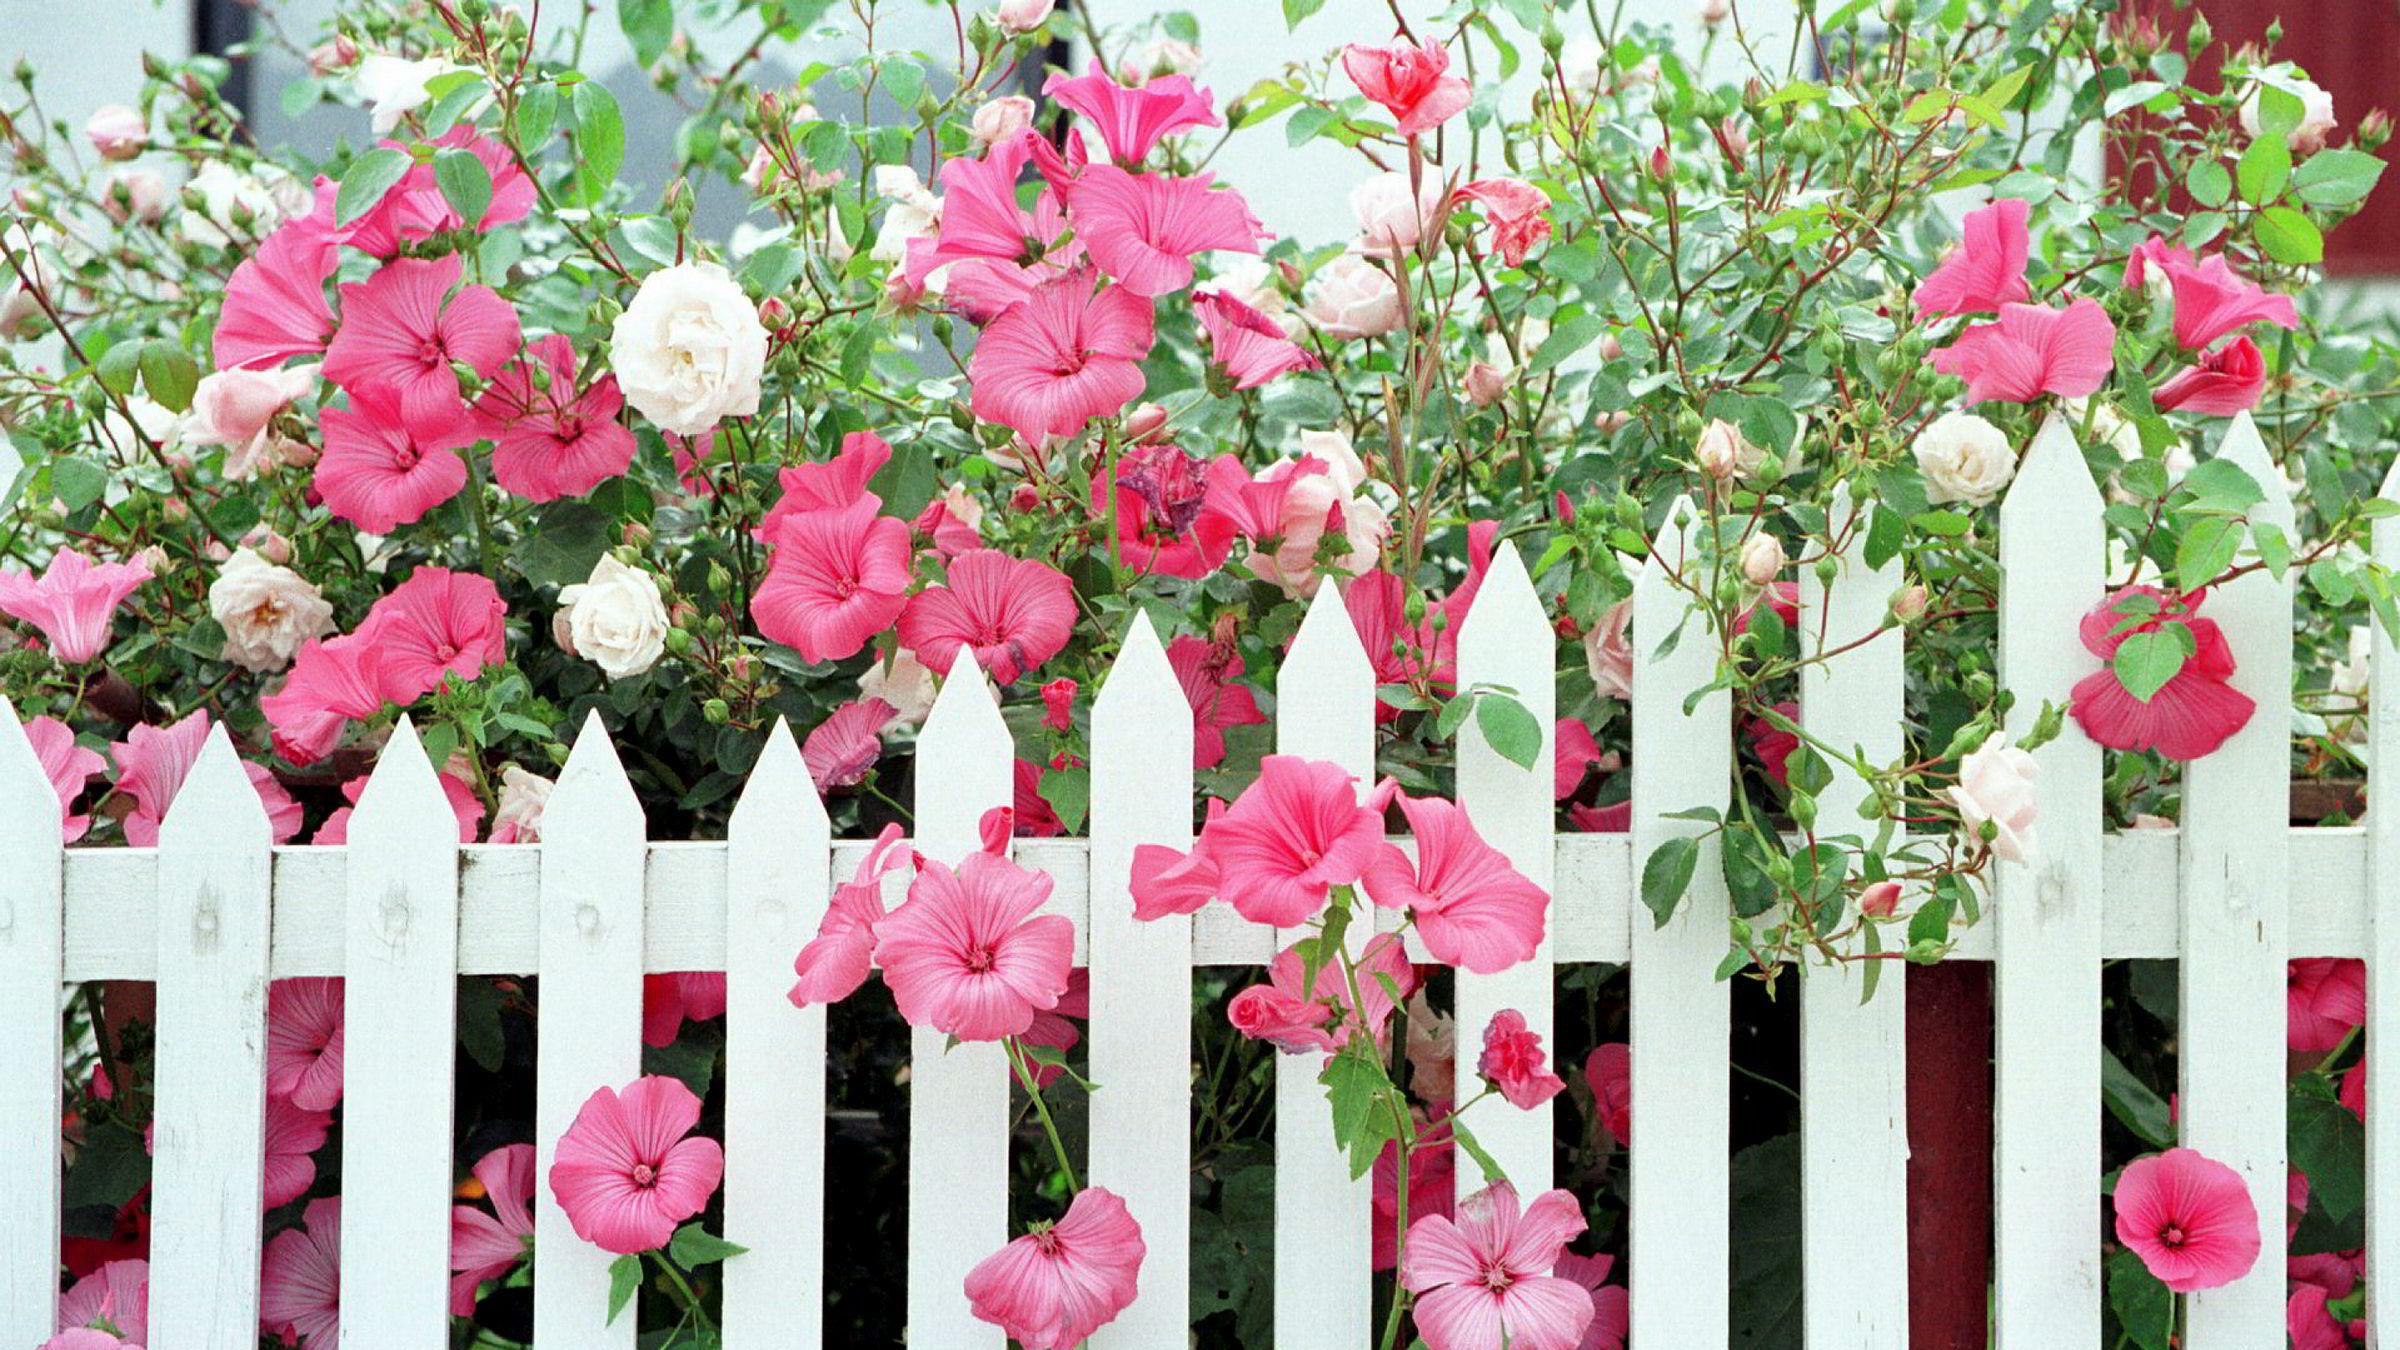 Mange blomster i norske hager bør helst holde seg innenfor gjerdet, da de utgjør en trussel mot norsk natur hvis de sprer seg.